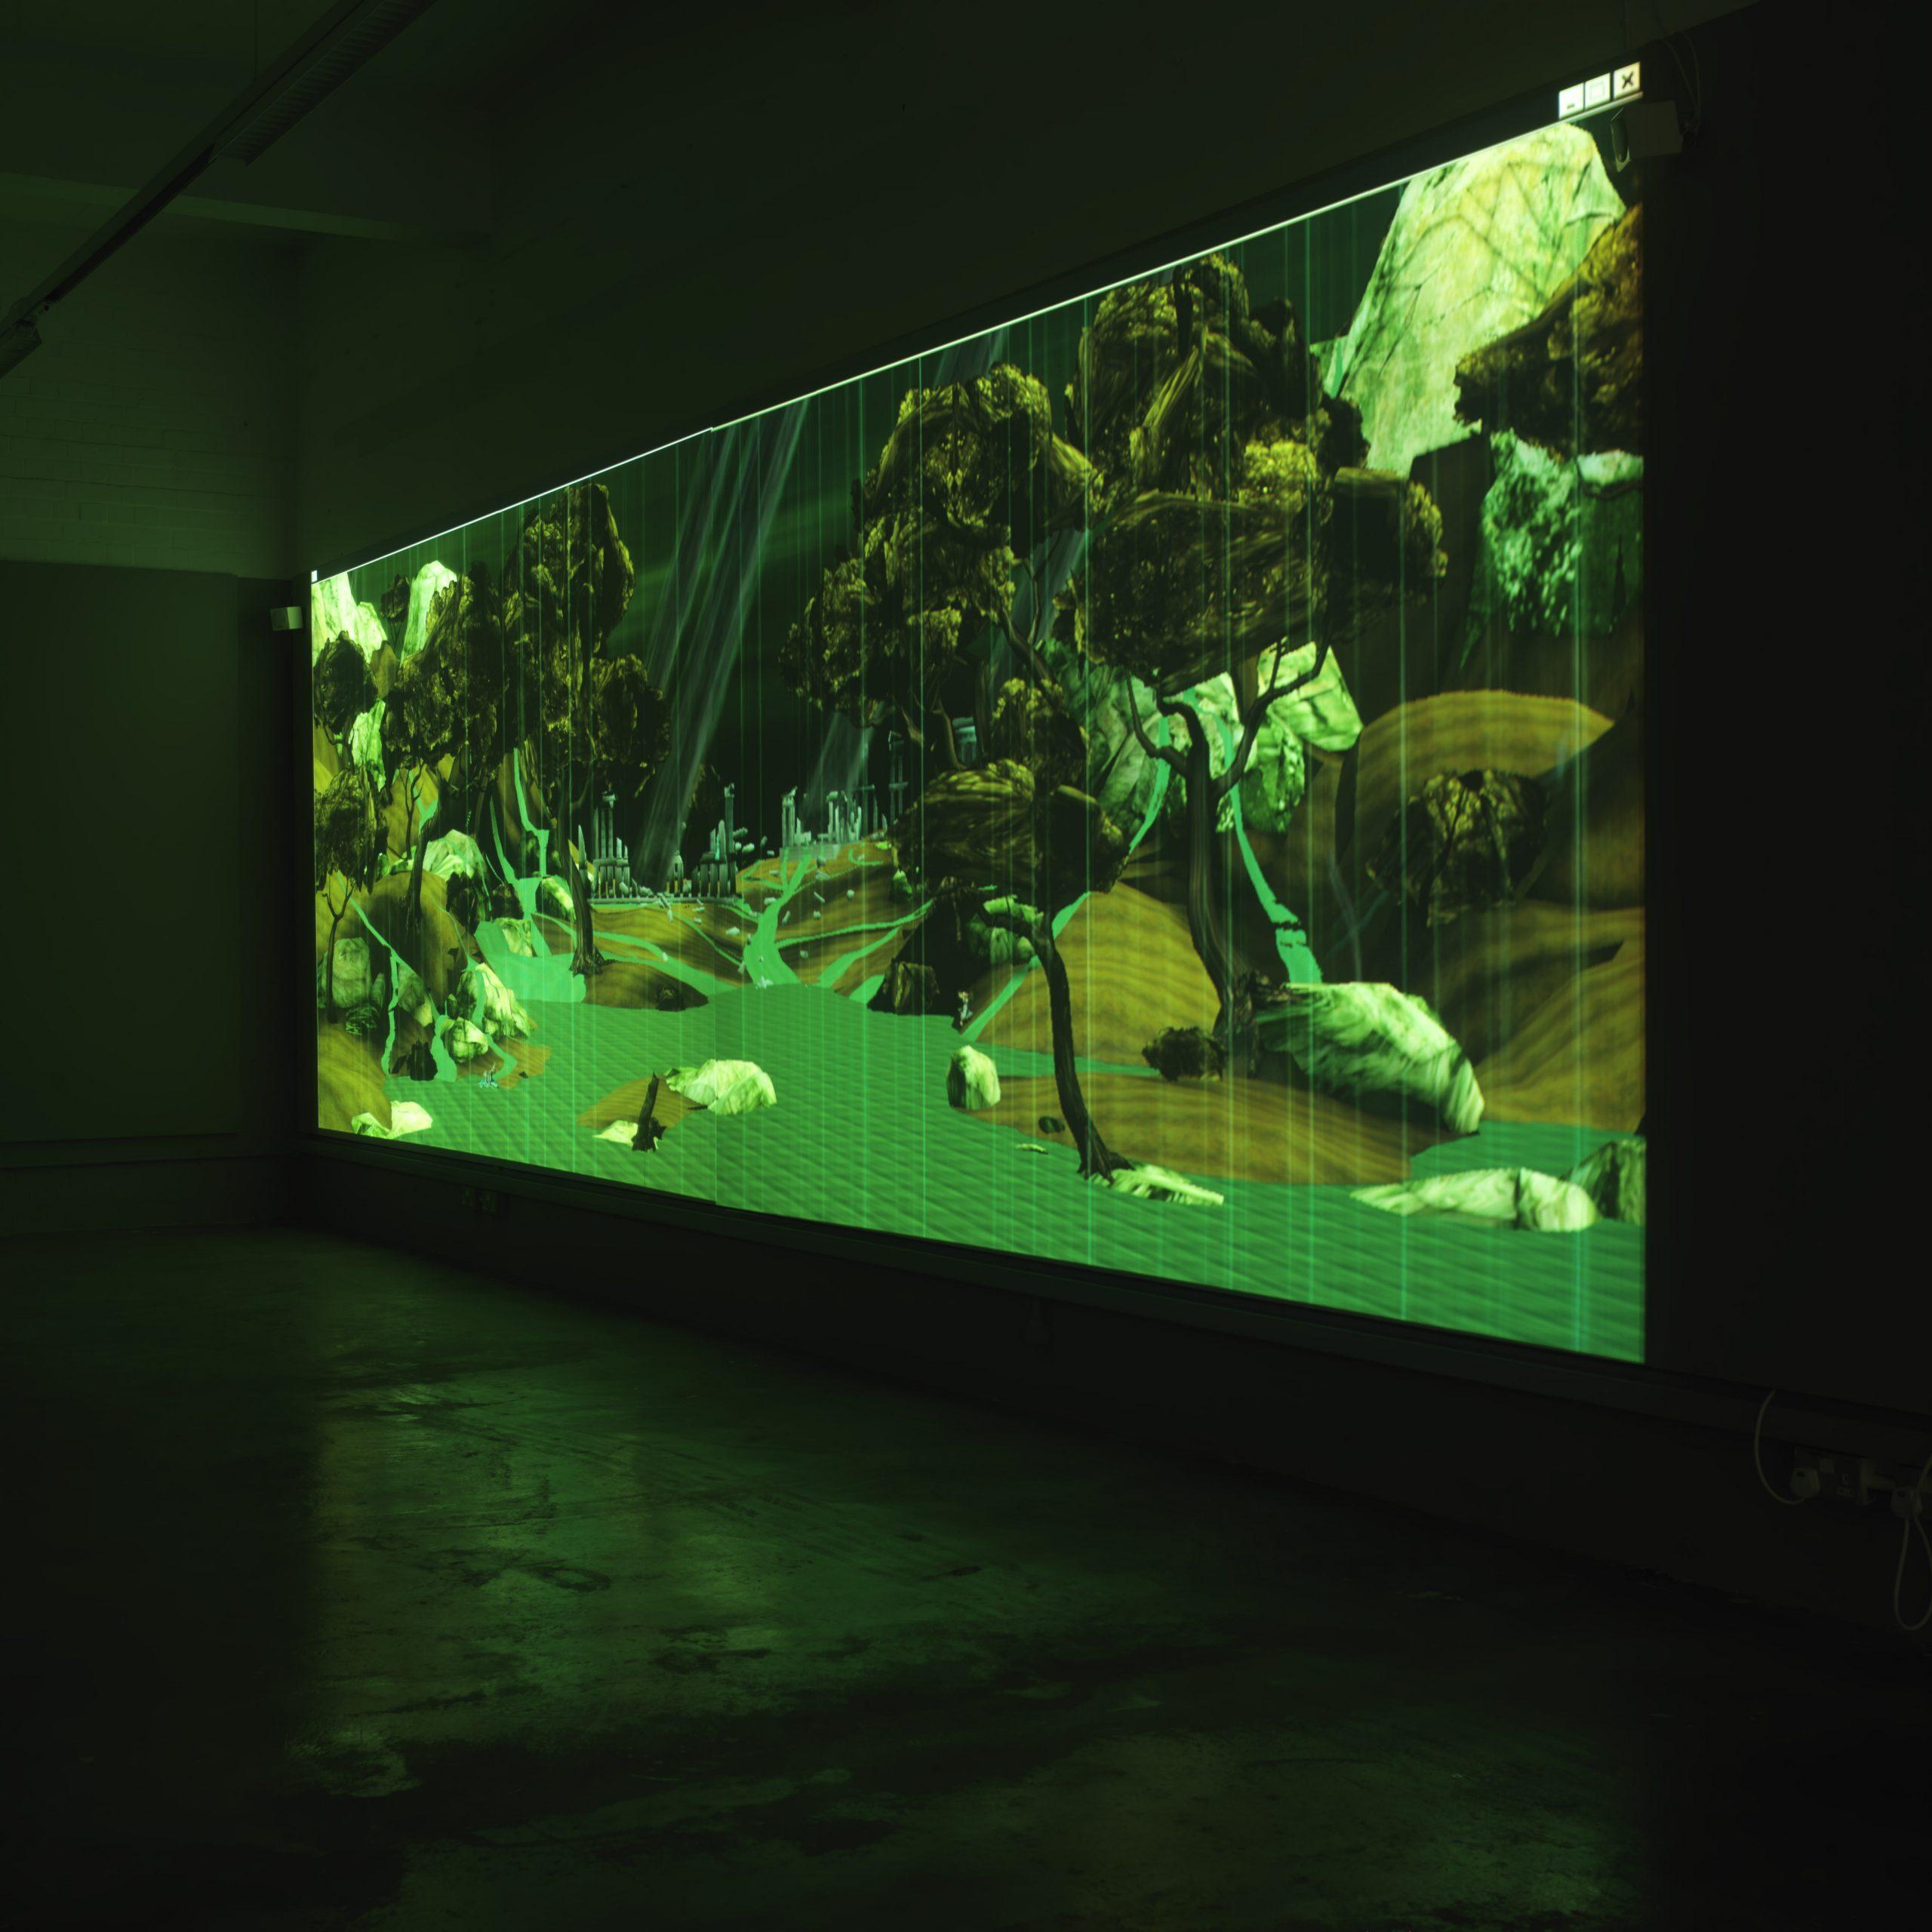 ISEA2009: The Exhibition